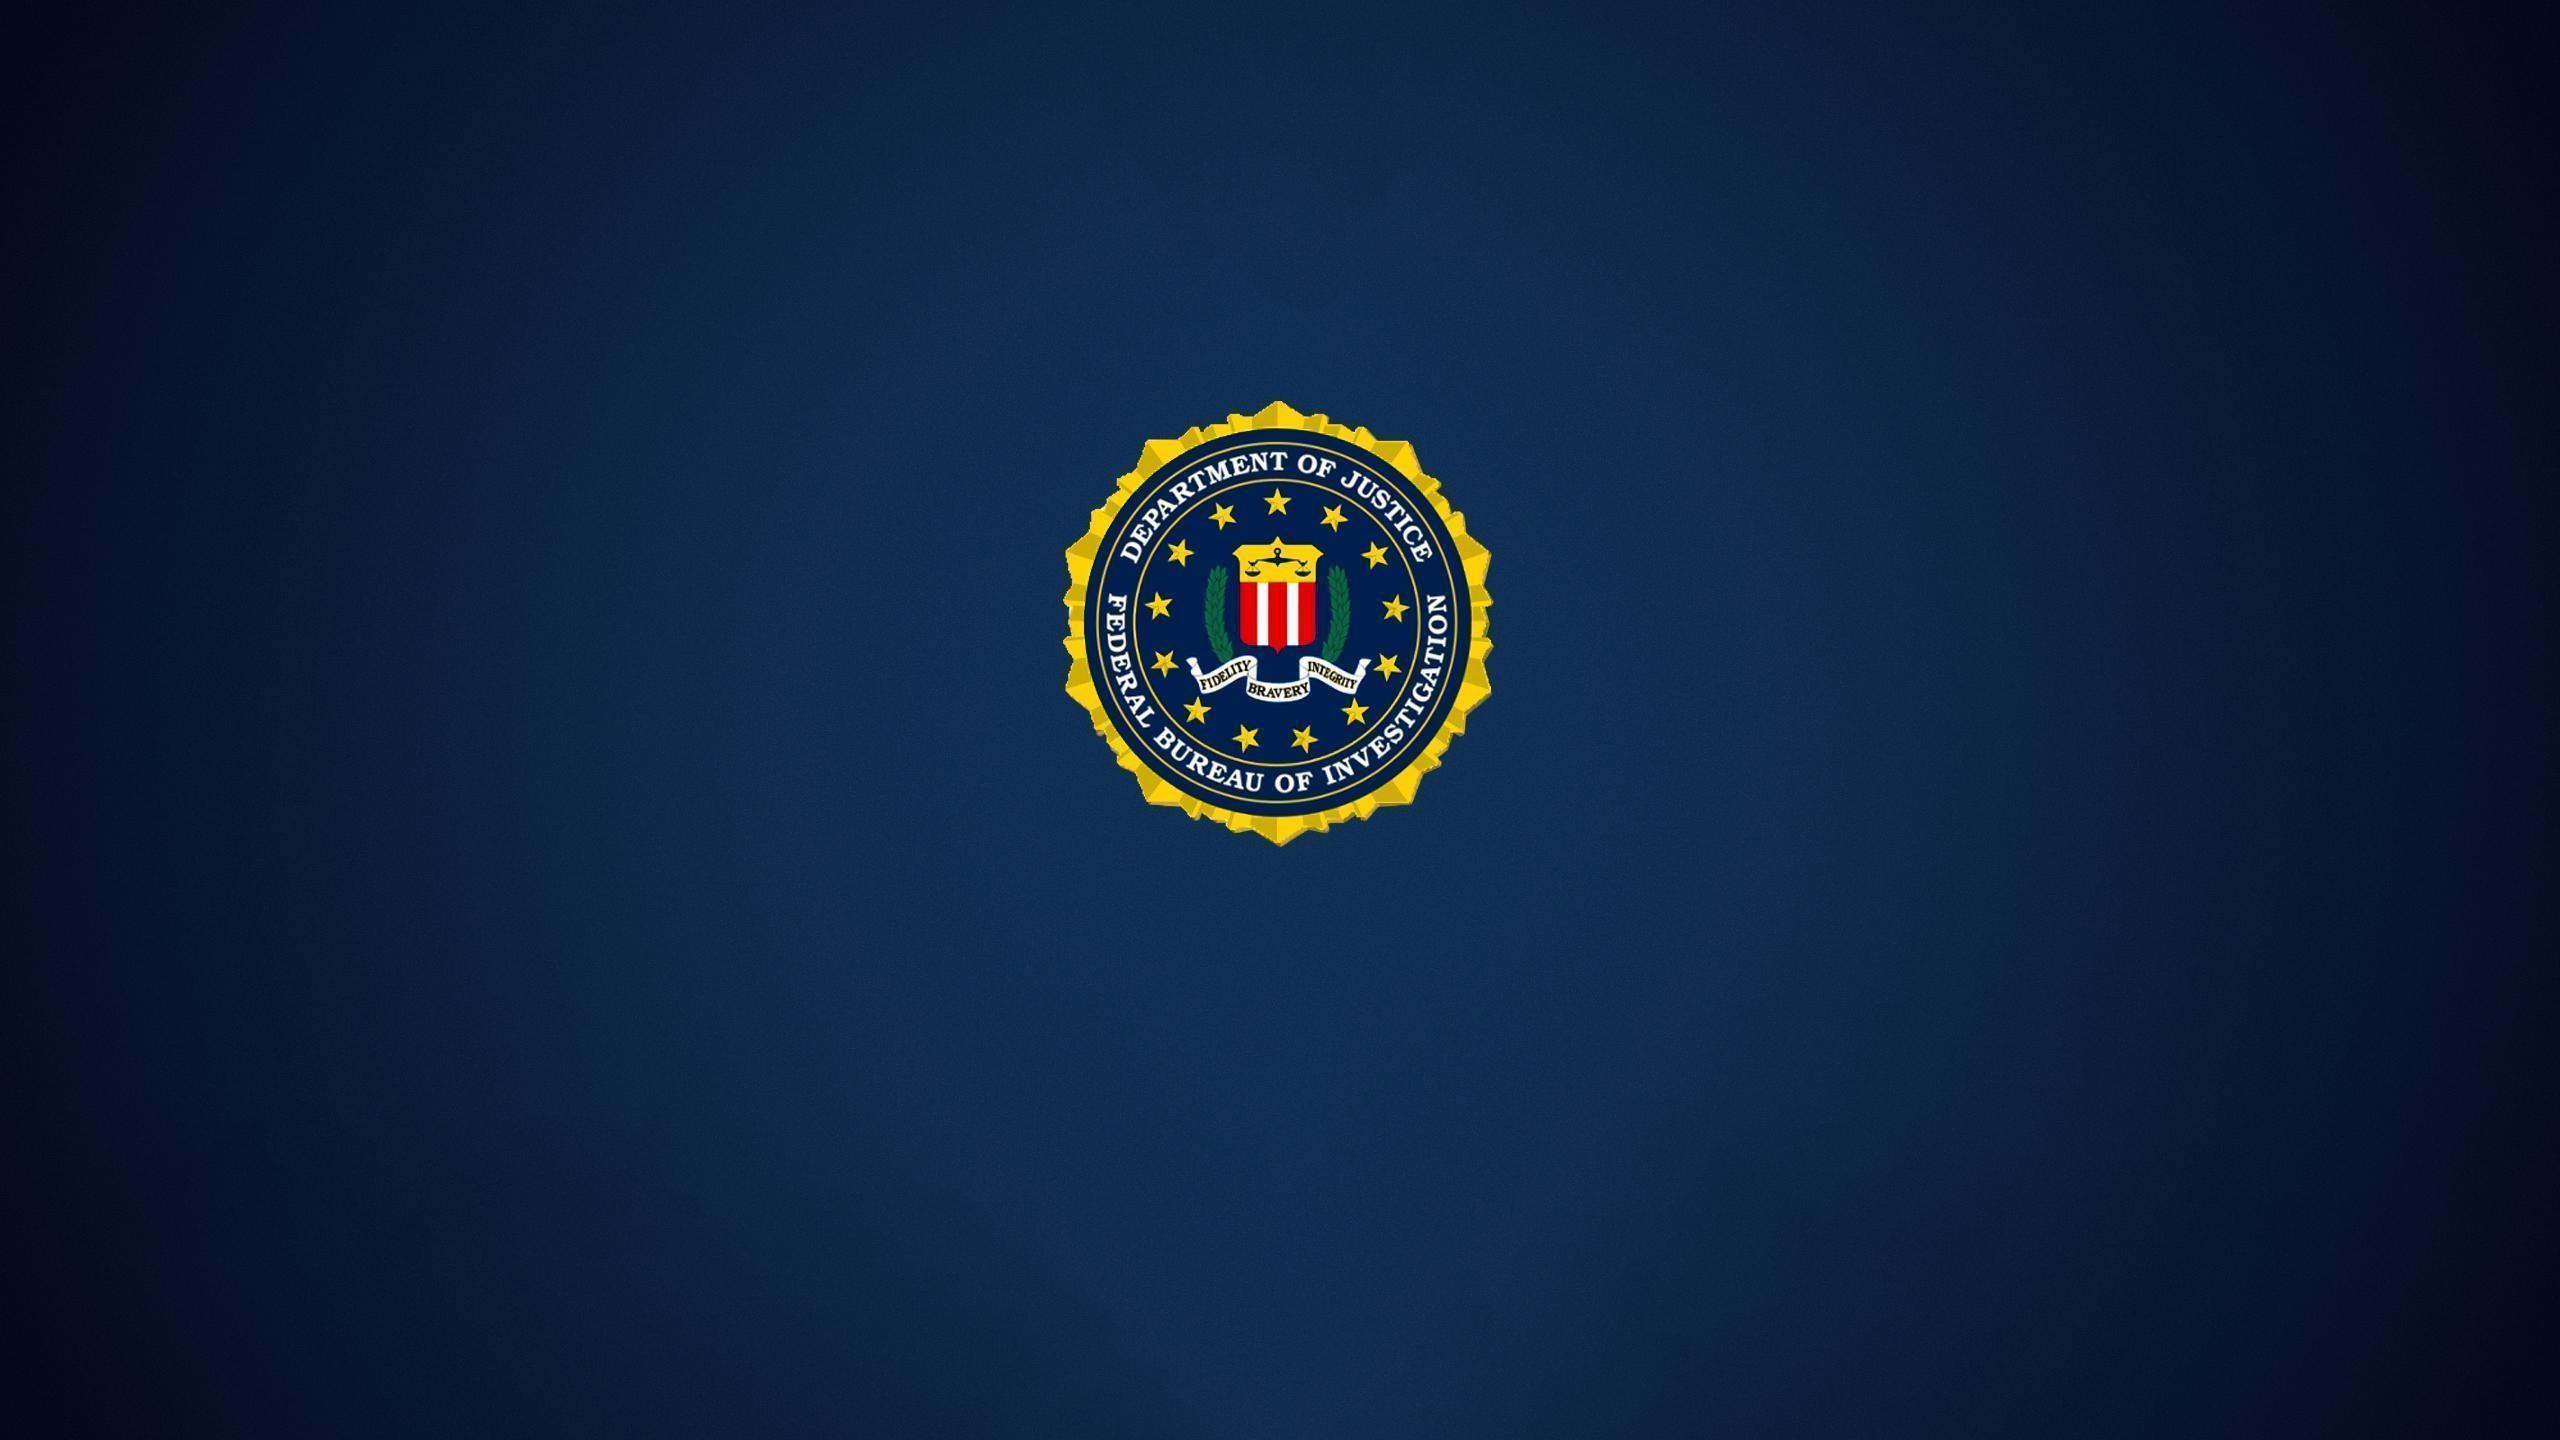 fbi logo wallpaper 71 pictures fbi logo wallpaper 71 pictures